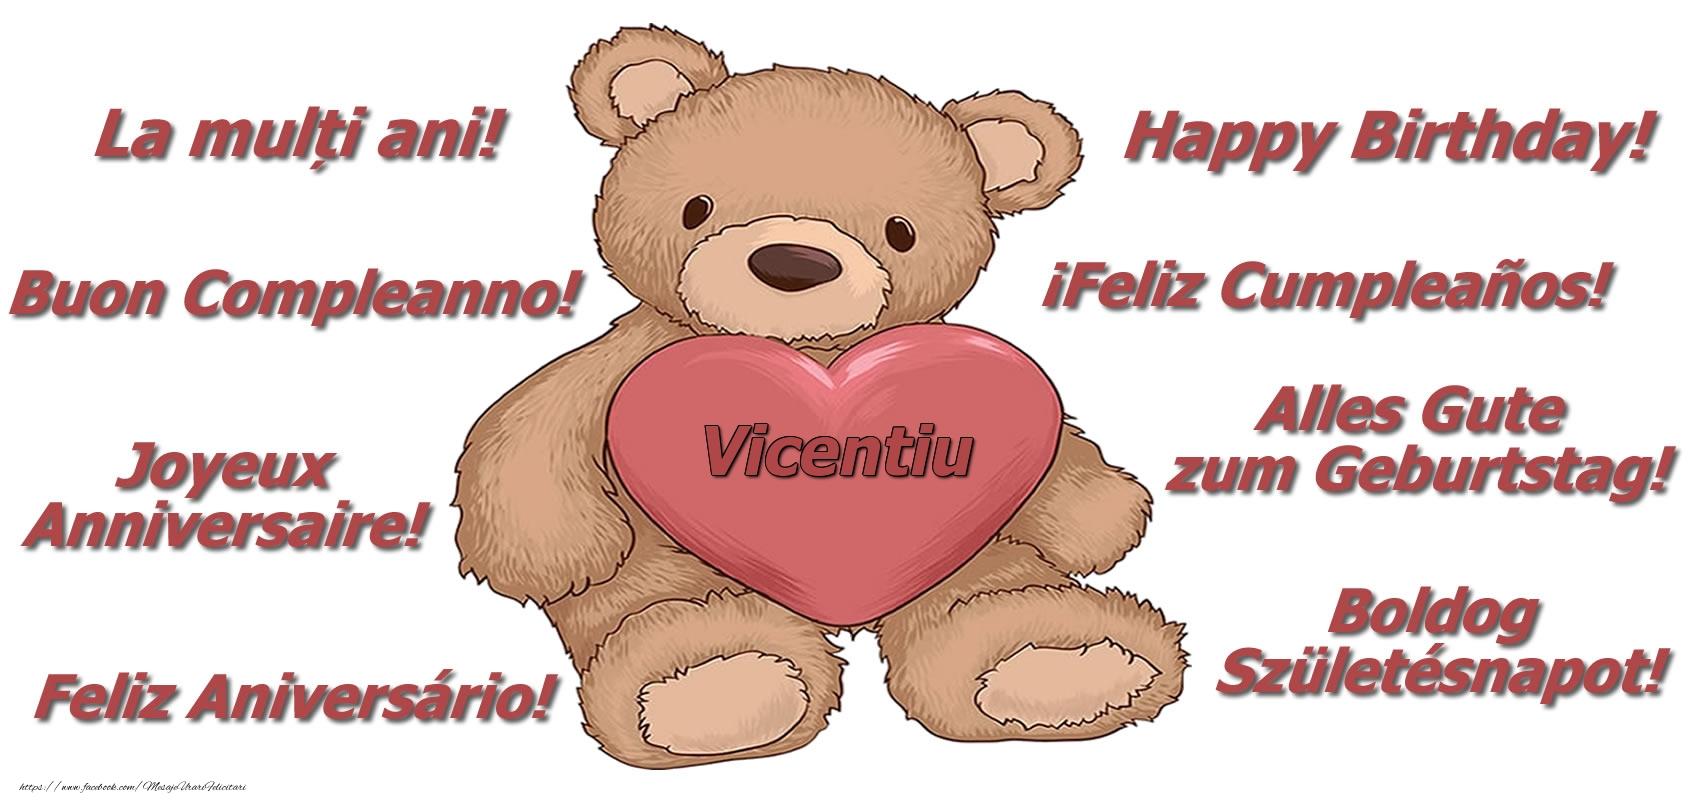 Felicitari de zi de nastere - La multi ani Vicentiu! - Ursulet